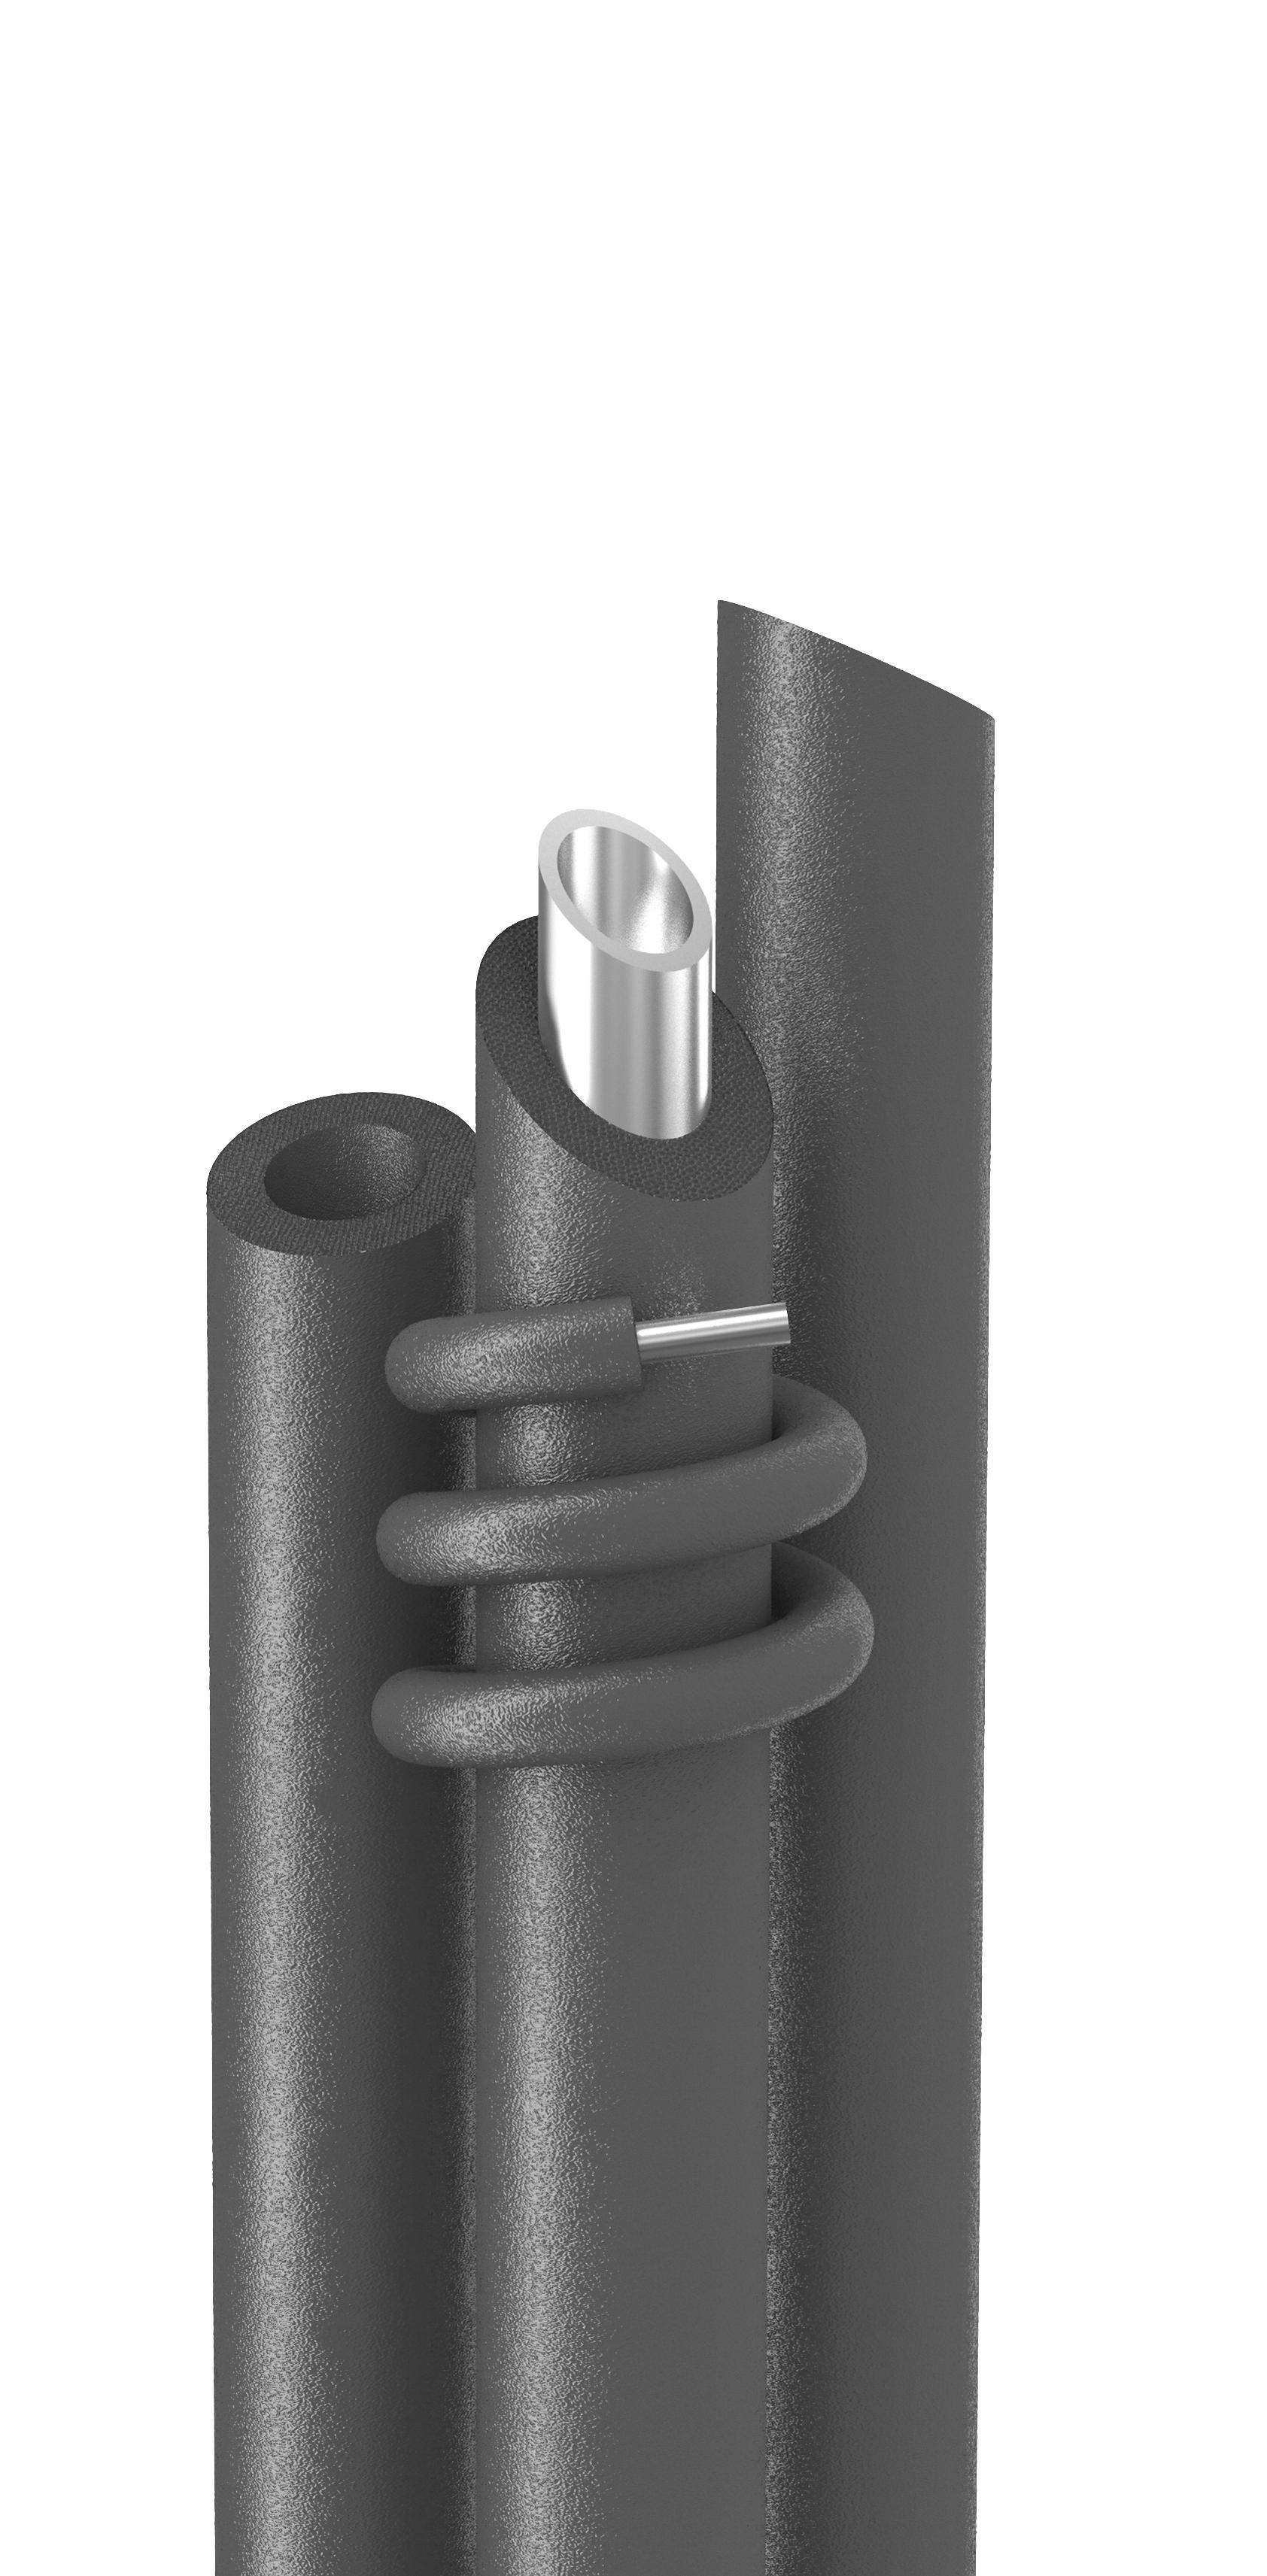 Трубки Energoflex толщ.13мм диам.35